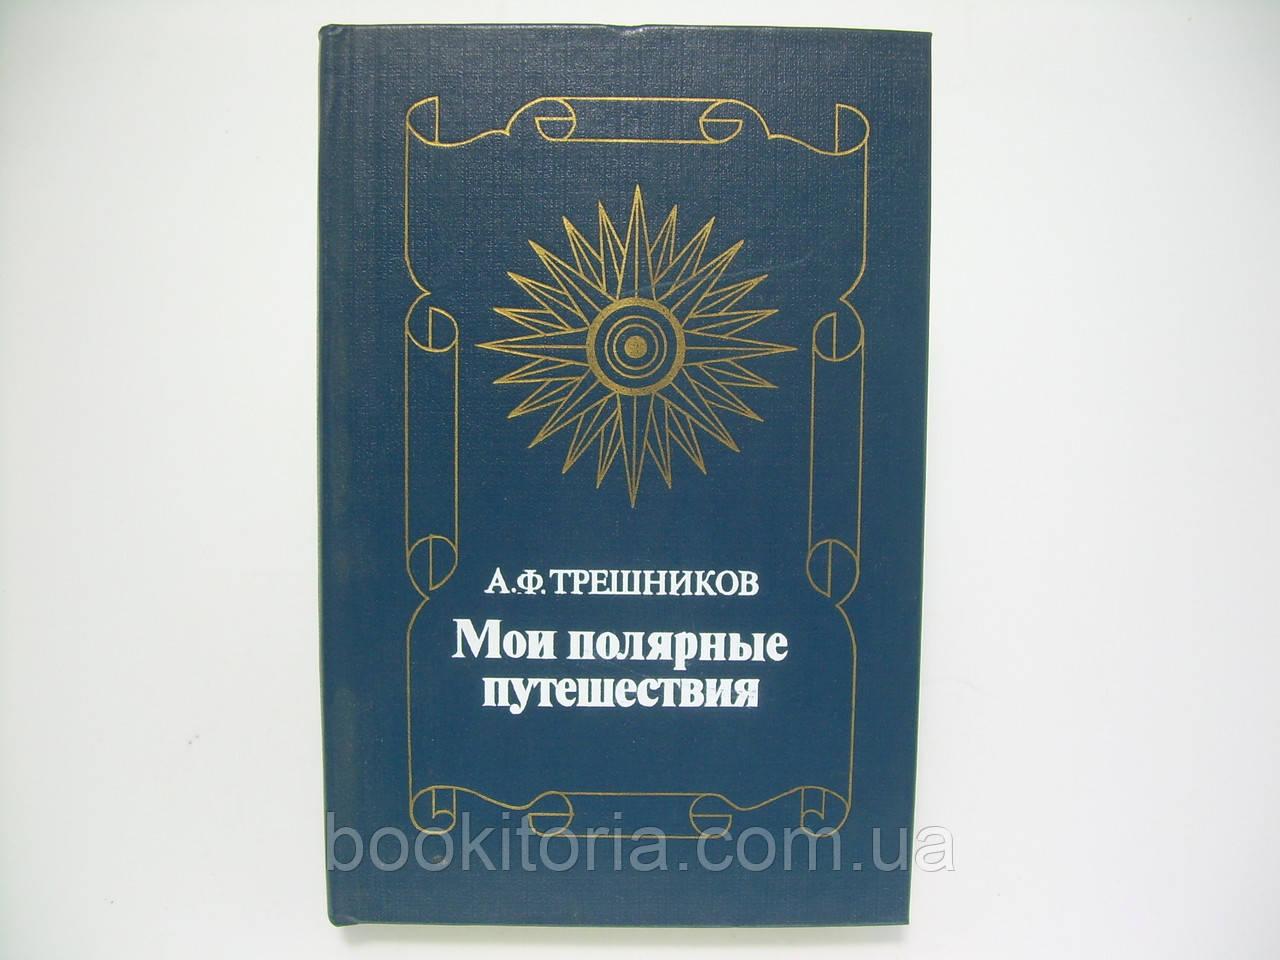 Трешников А.Ф. Мои полярные путешестия (б/у).